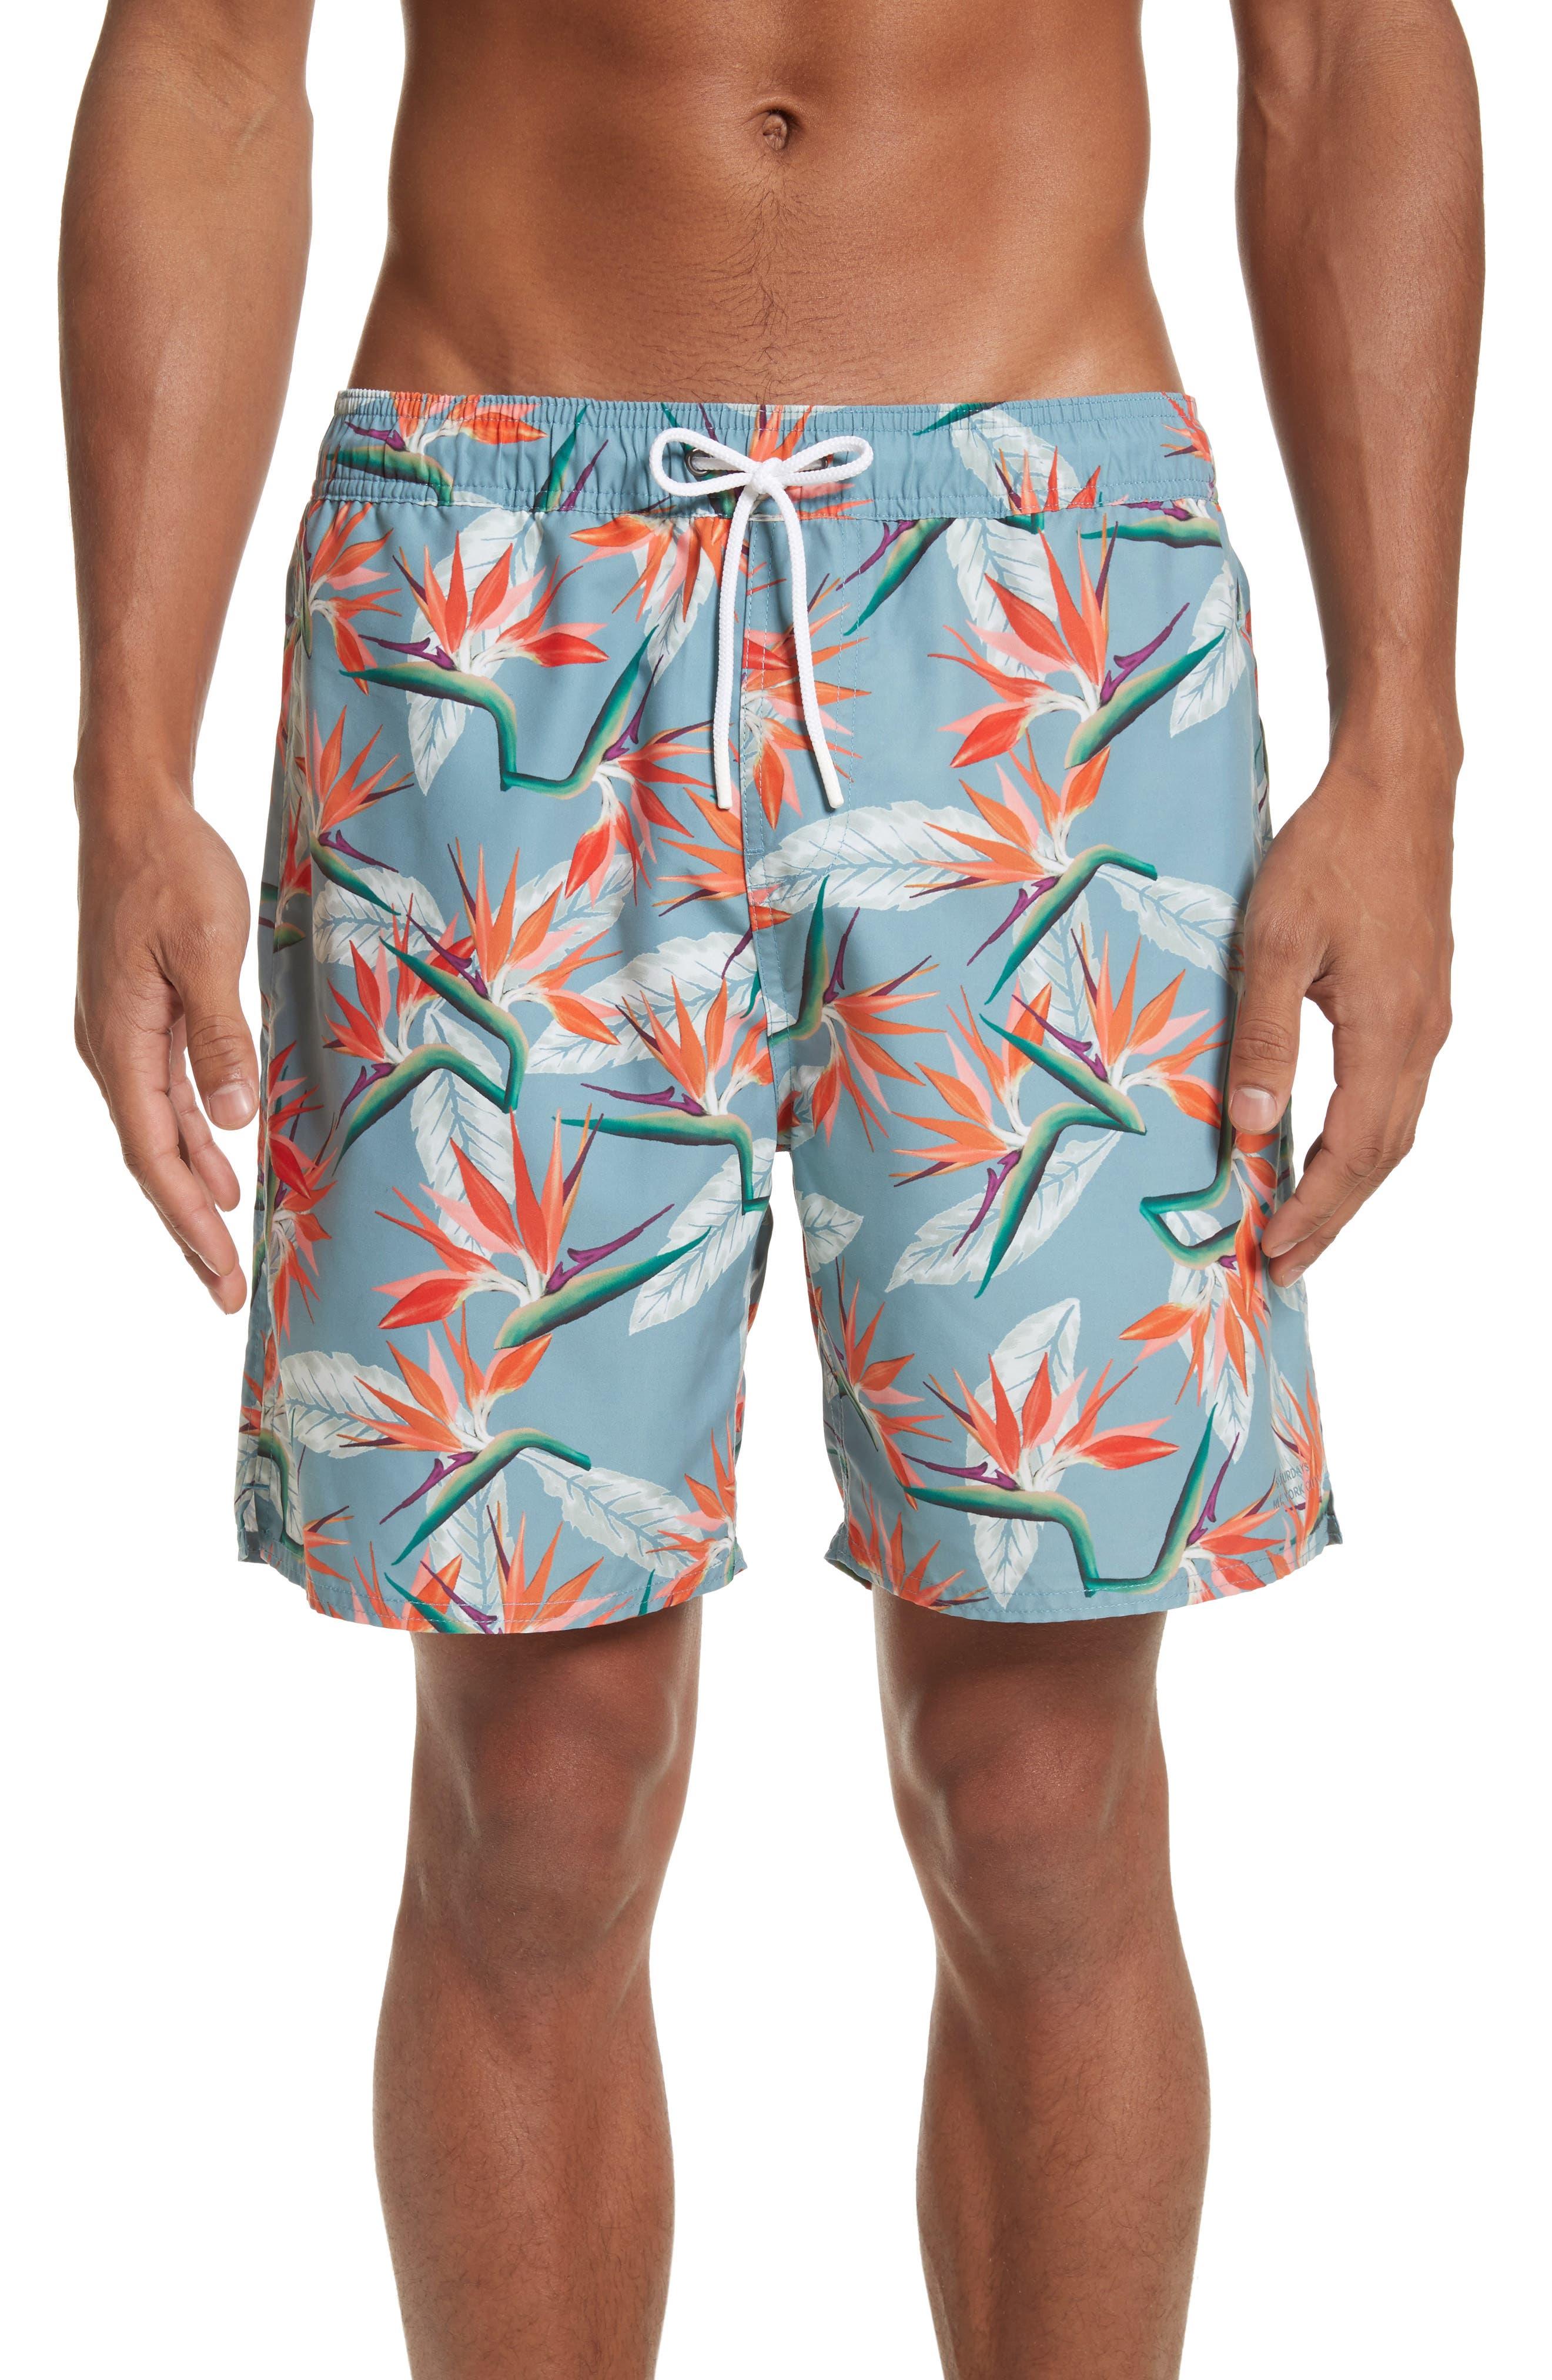 Timothy Paradise Swim Shorts,                             Main thumbnail 1, color,                             PARADISE PRINT